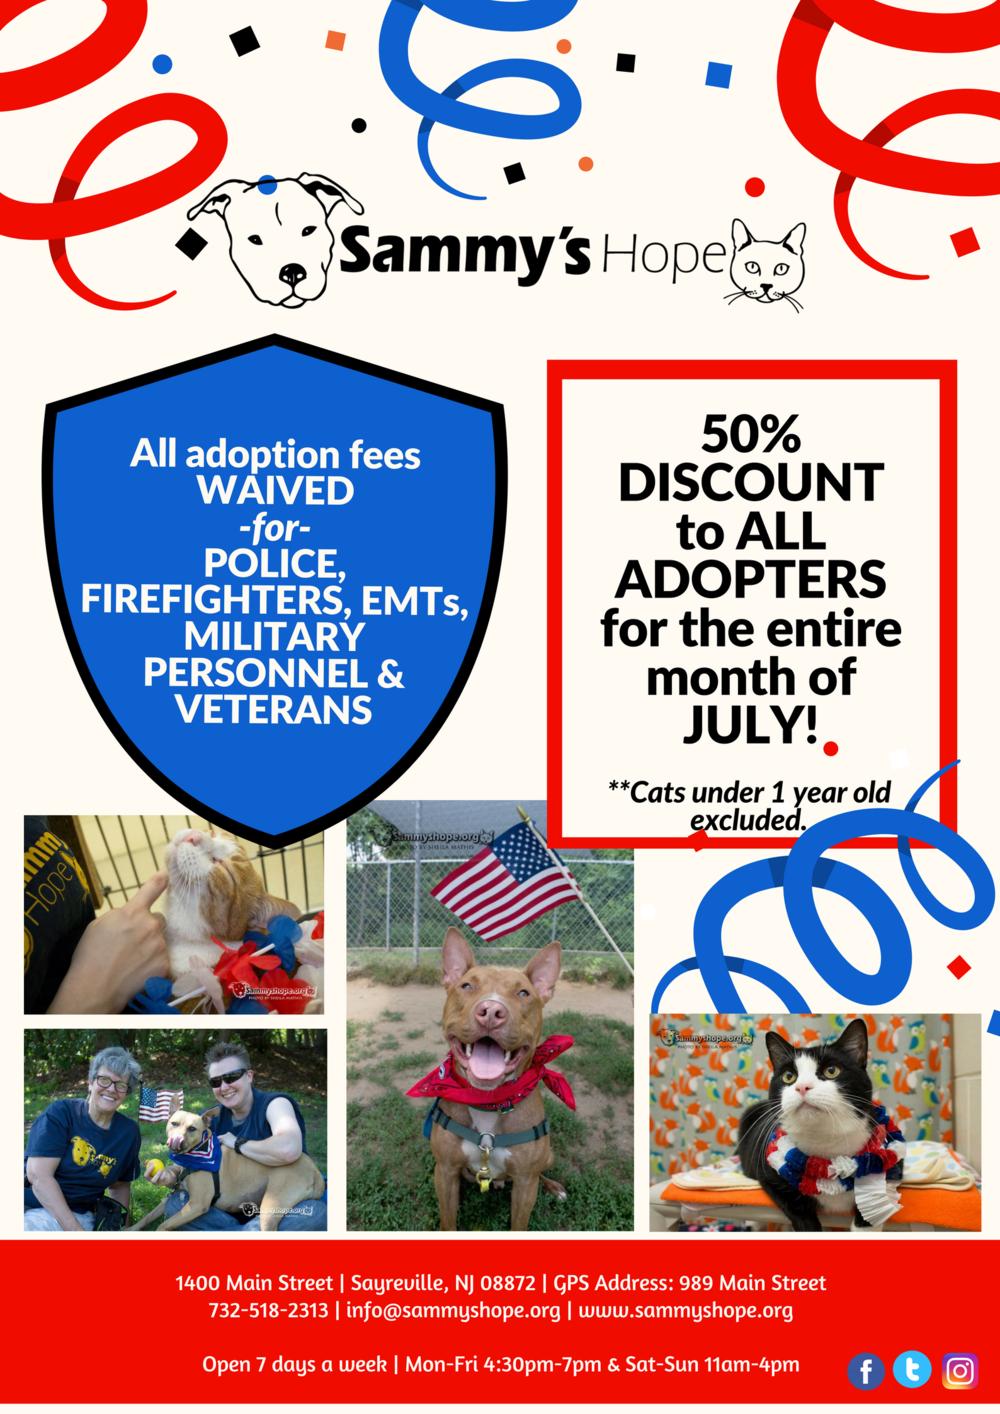 Copy of July '18 Sammy's Promo (Veterans)(1).png